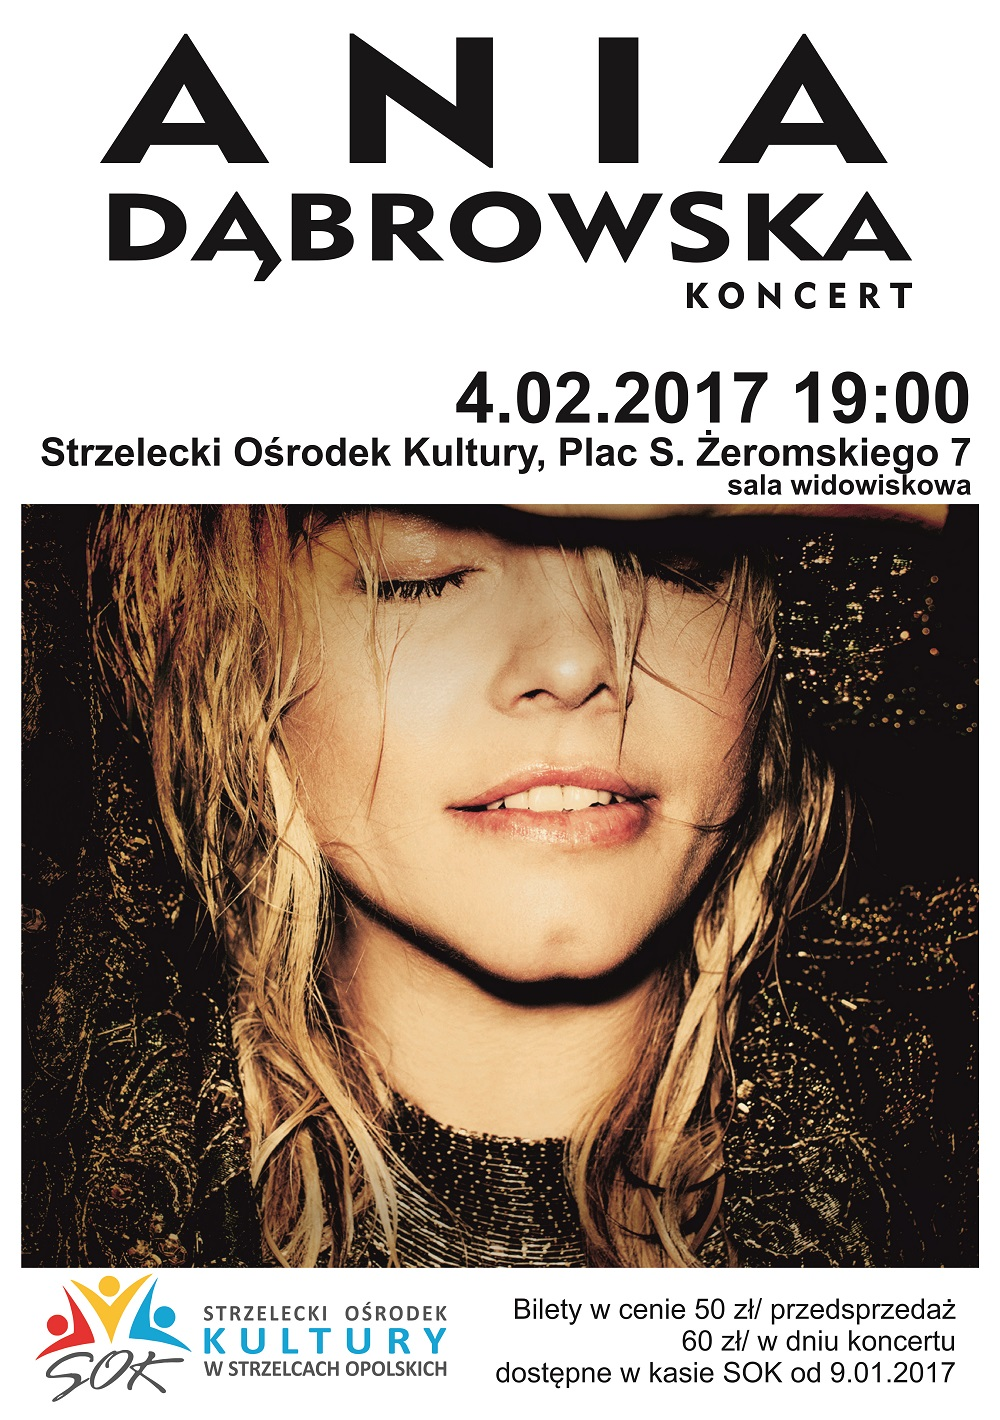 http://www.sok.strzelceopolskie.pl/files/docs/plakat-dabrowska_m.jpg